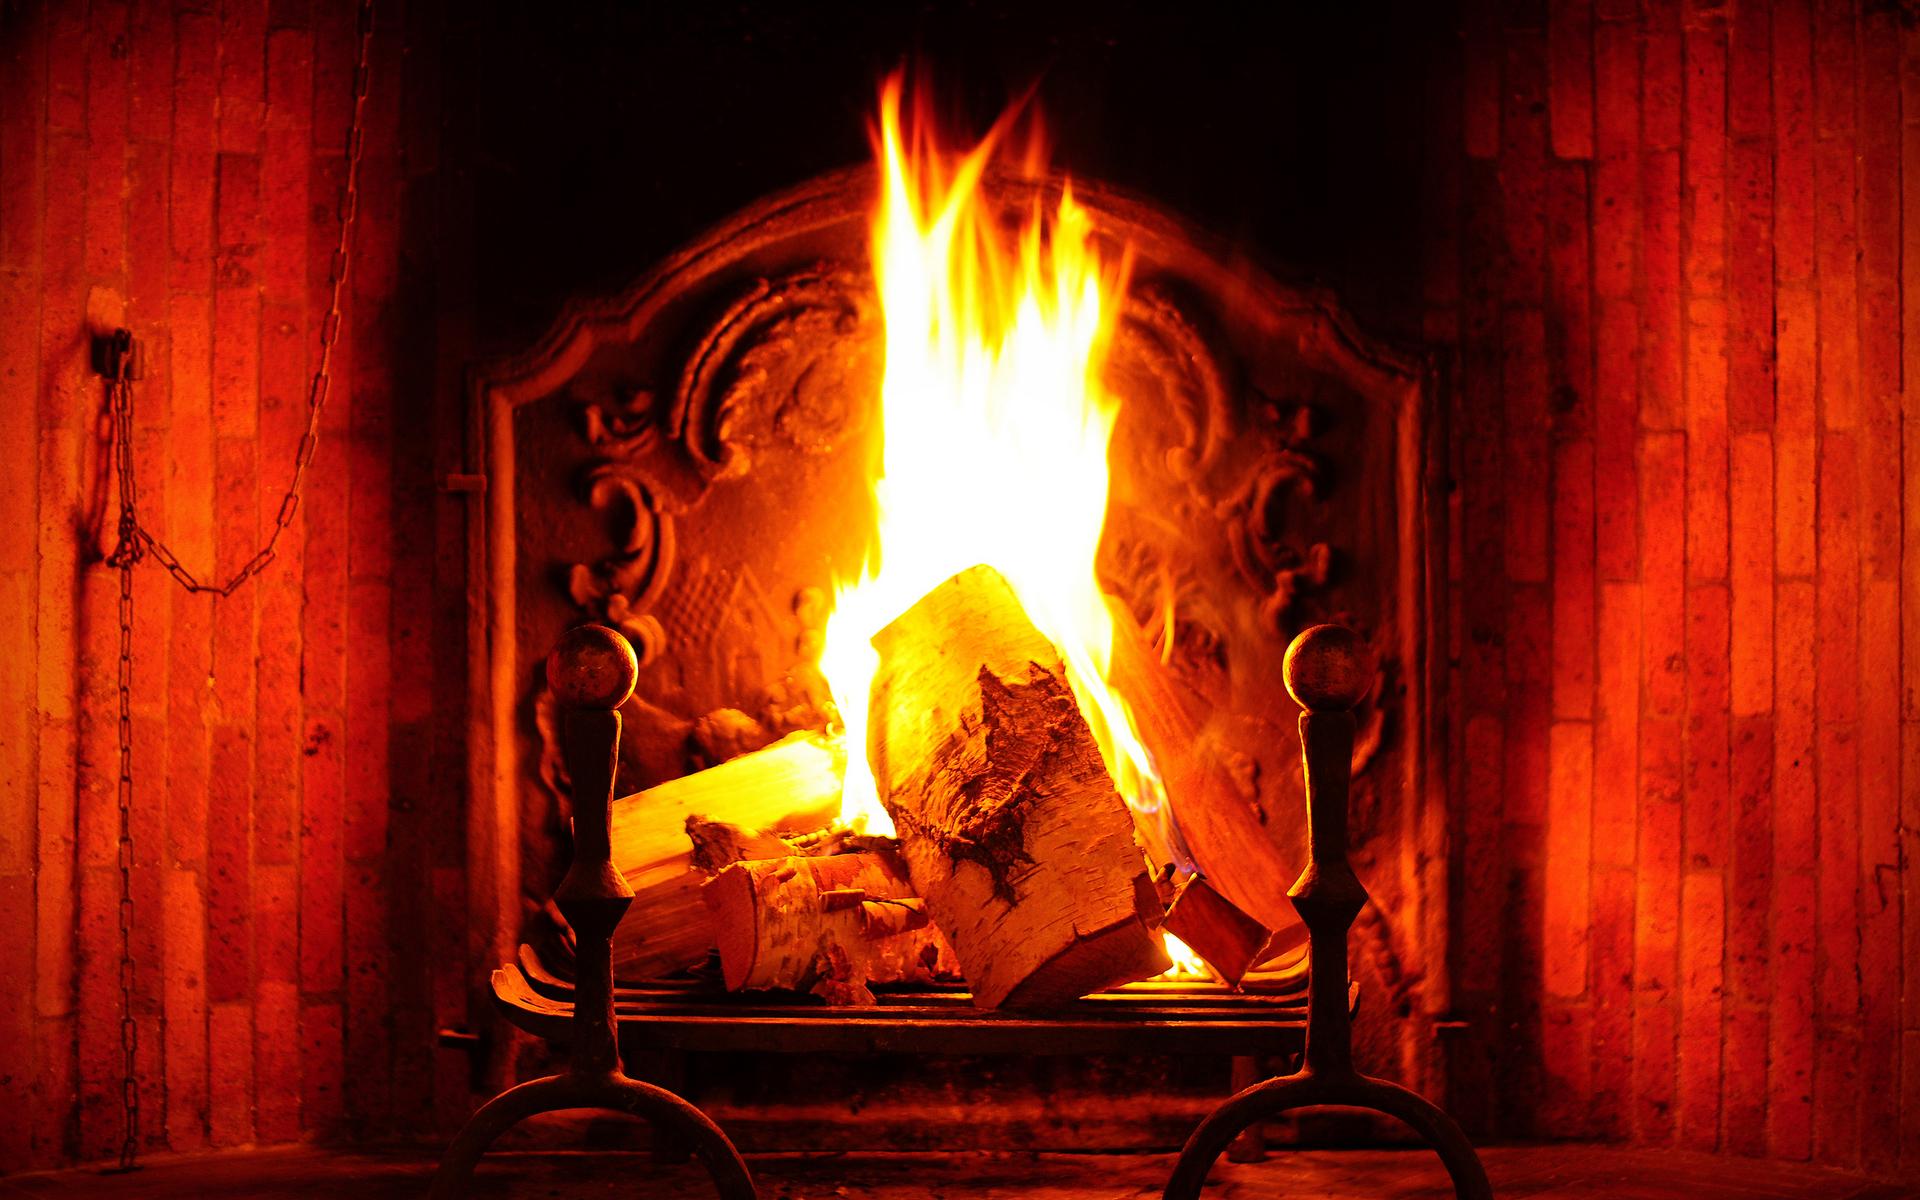 45 Christmas Fireplace Wallpaper Animated On Wallpapersafari